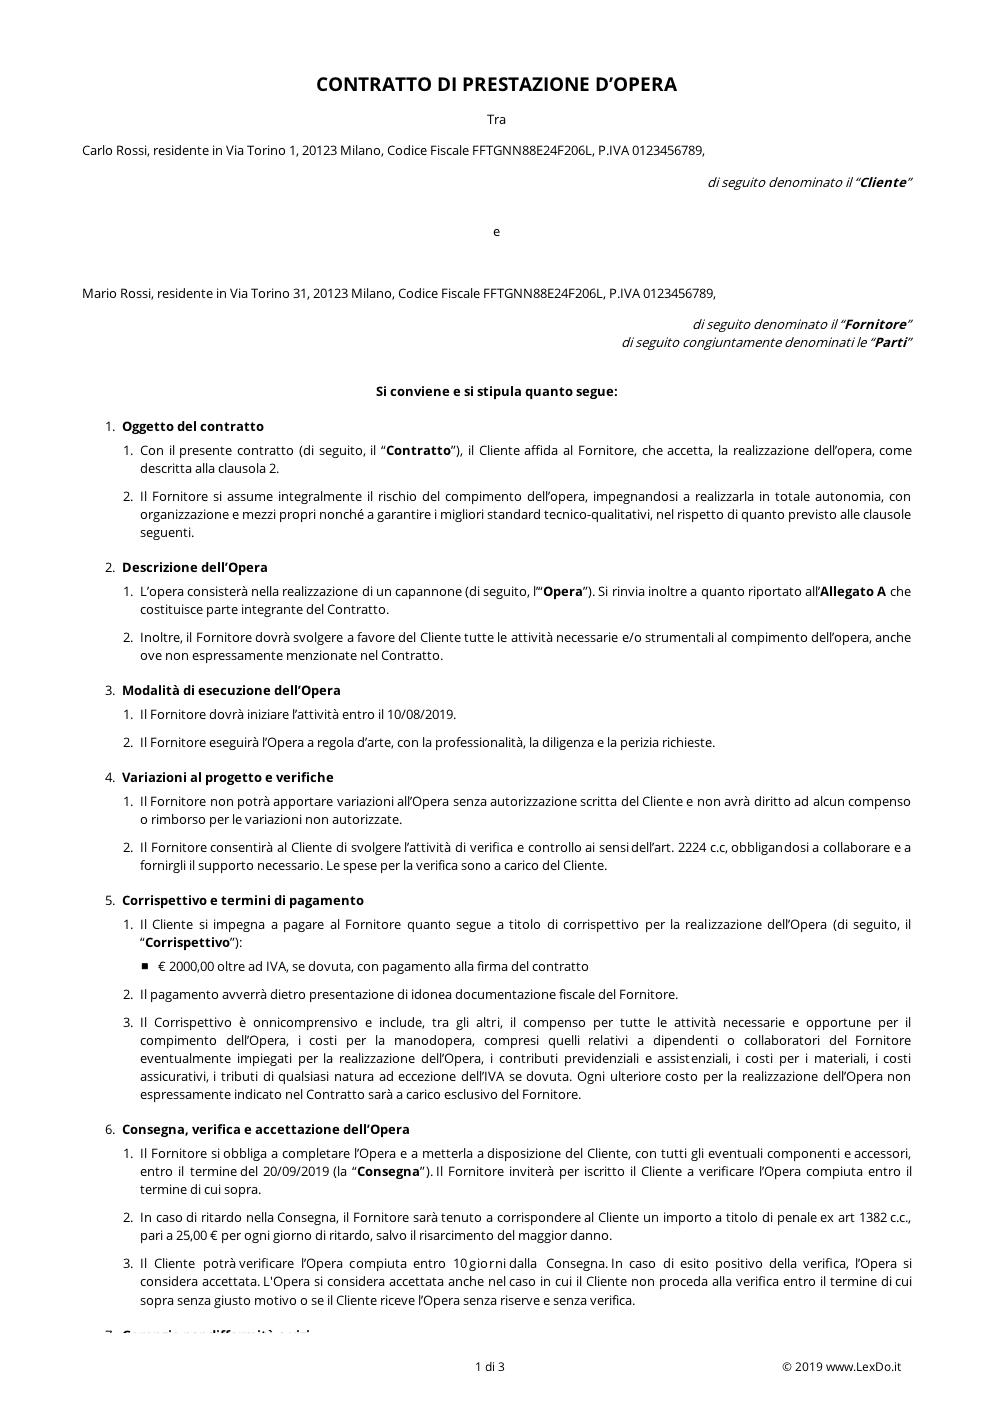 Contratto di Appalto di Lavori Edili modello